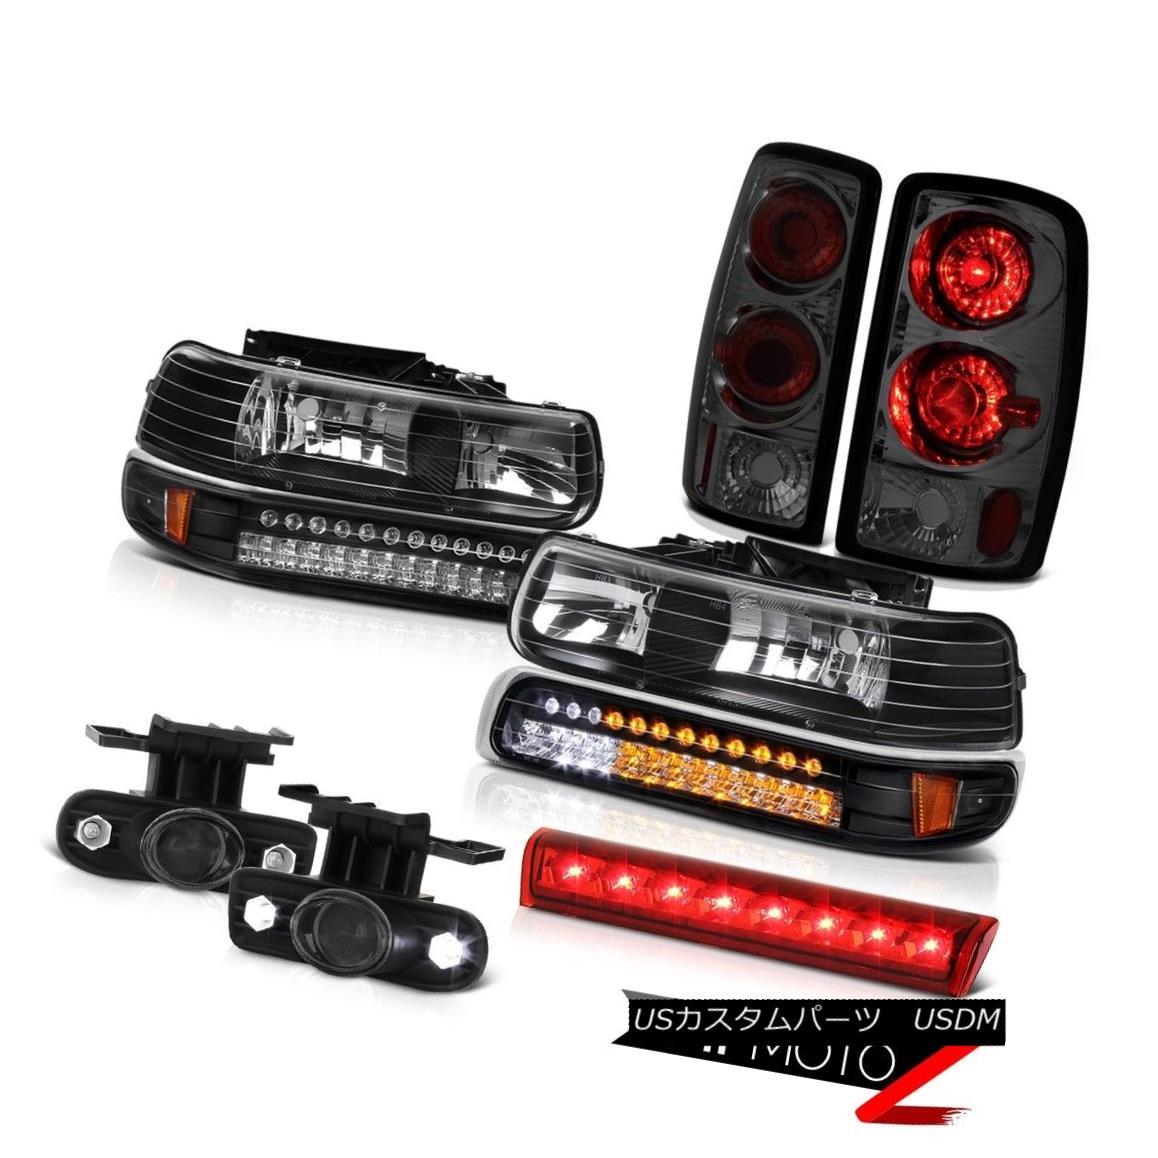 テールライト 00-06 Chevy Suburban LS Rosso red roof cargo lamp fog lights tail Headlamps LED 00-06シボレー郊外LSロッソレッド屋根カーゴランプフォグライトテールヘッドランプLED